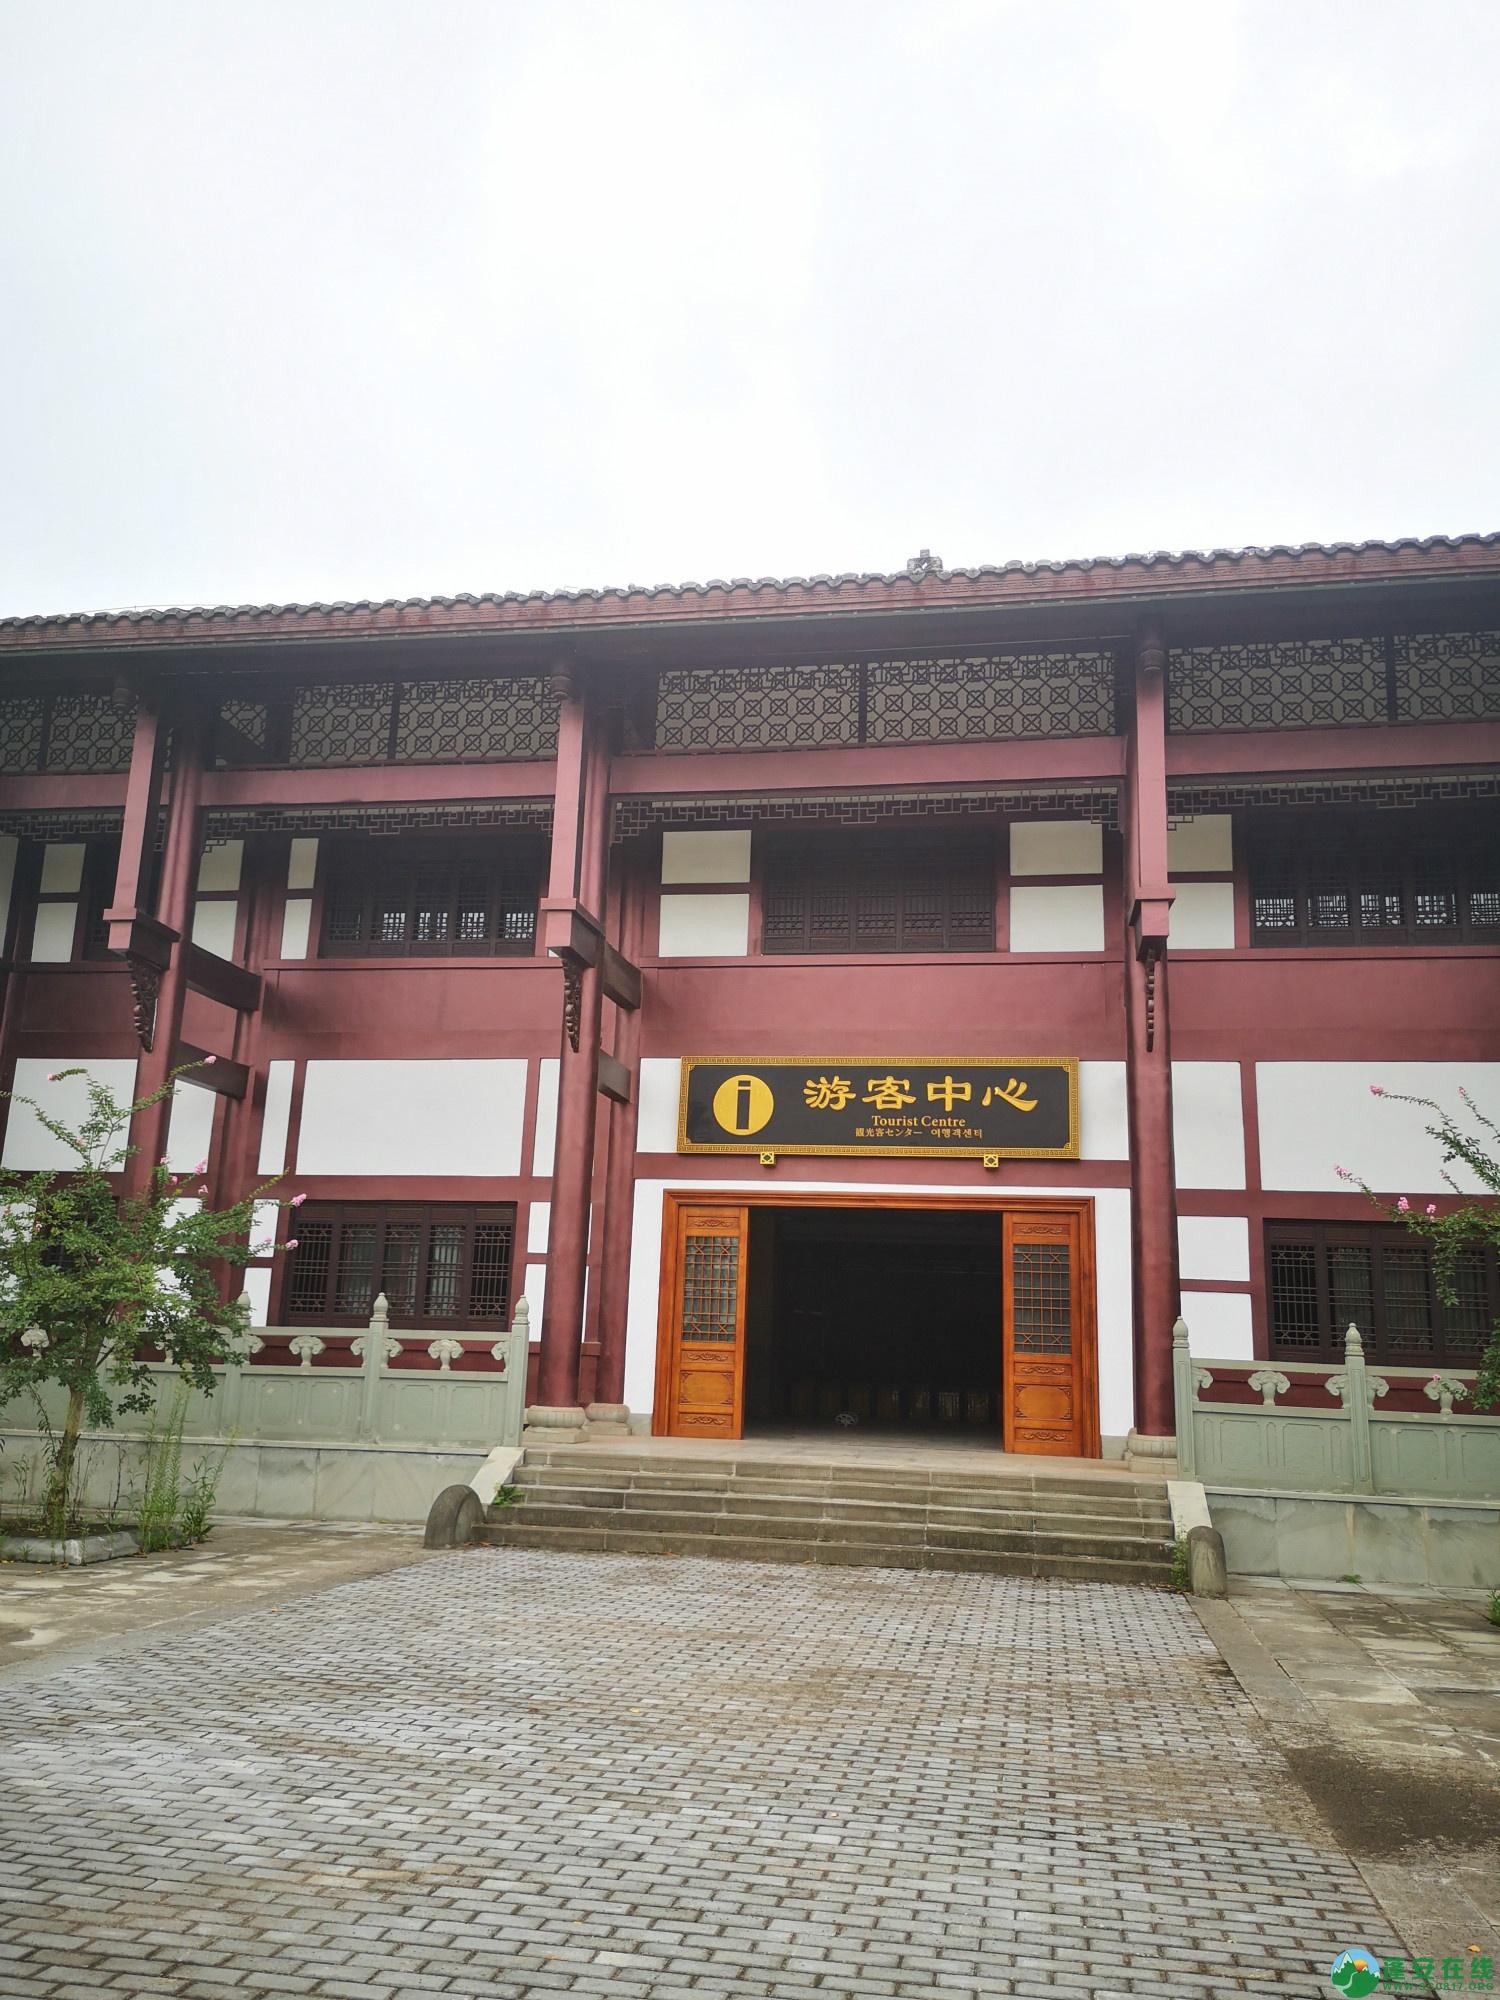 蓬安锦屏新区近况(2020-08-19) - 第3张  | 蓬安在线